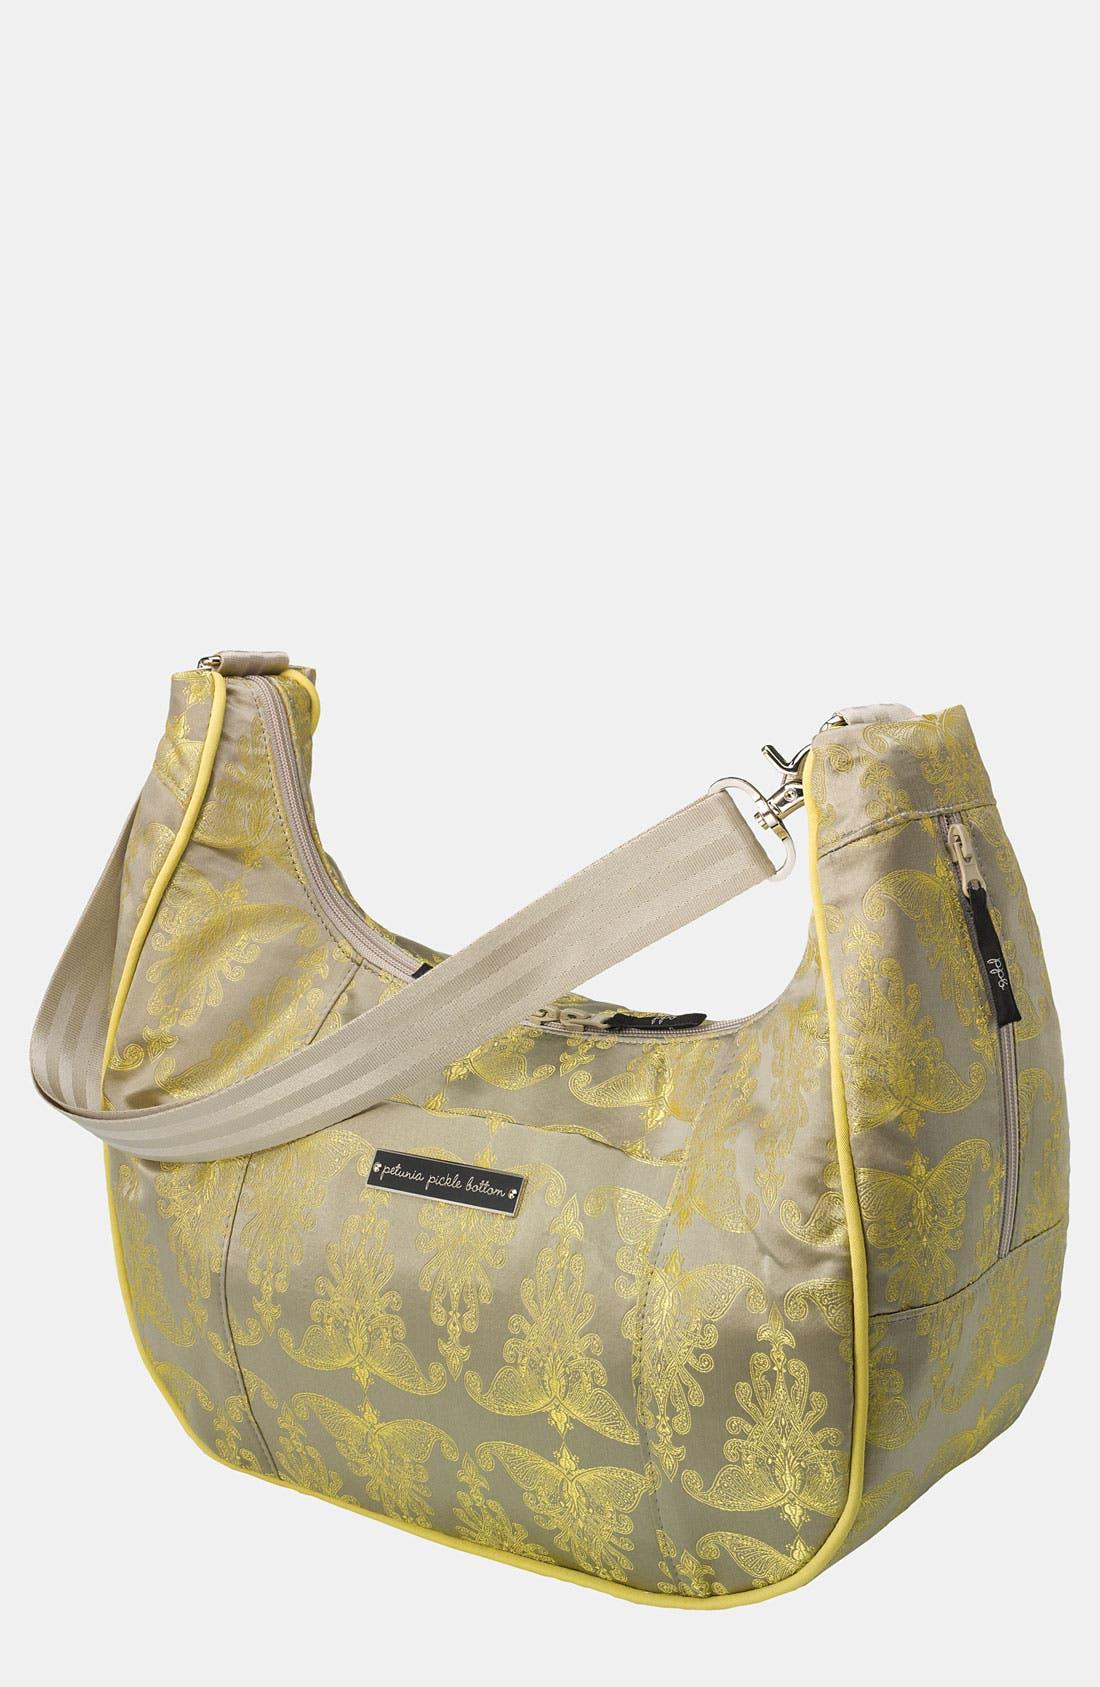 Alternate Image 1 Selected - Petunia Pickle Bottom 'Touring Tote' Brocade Diaper Bag